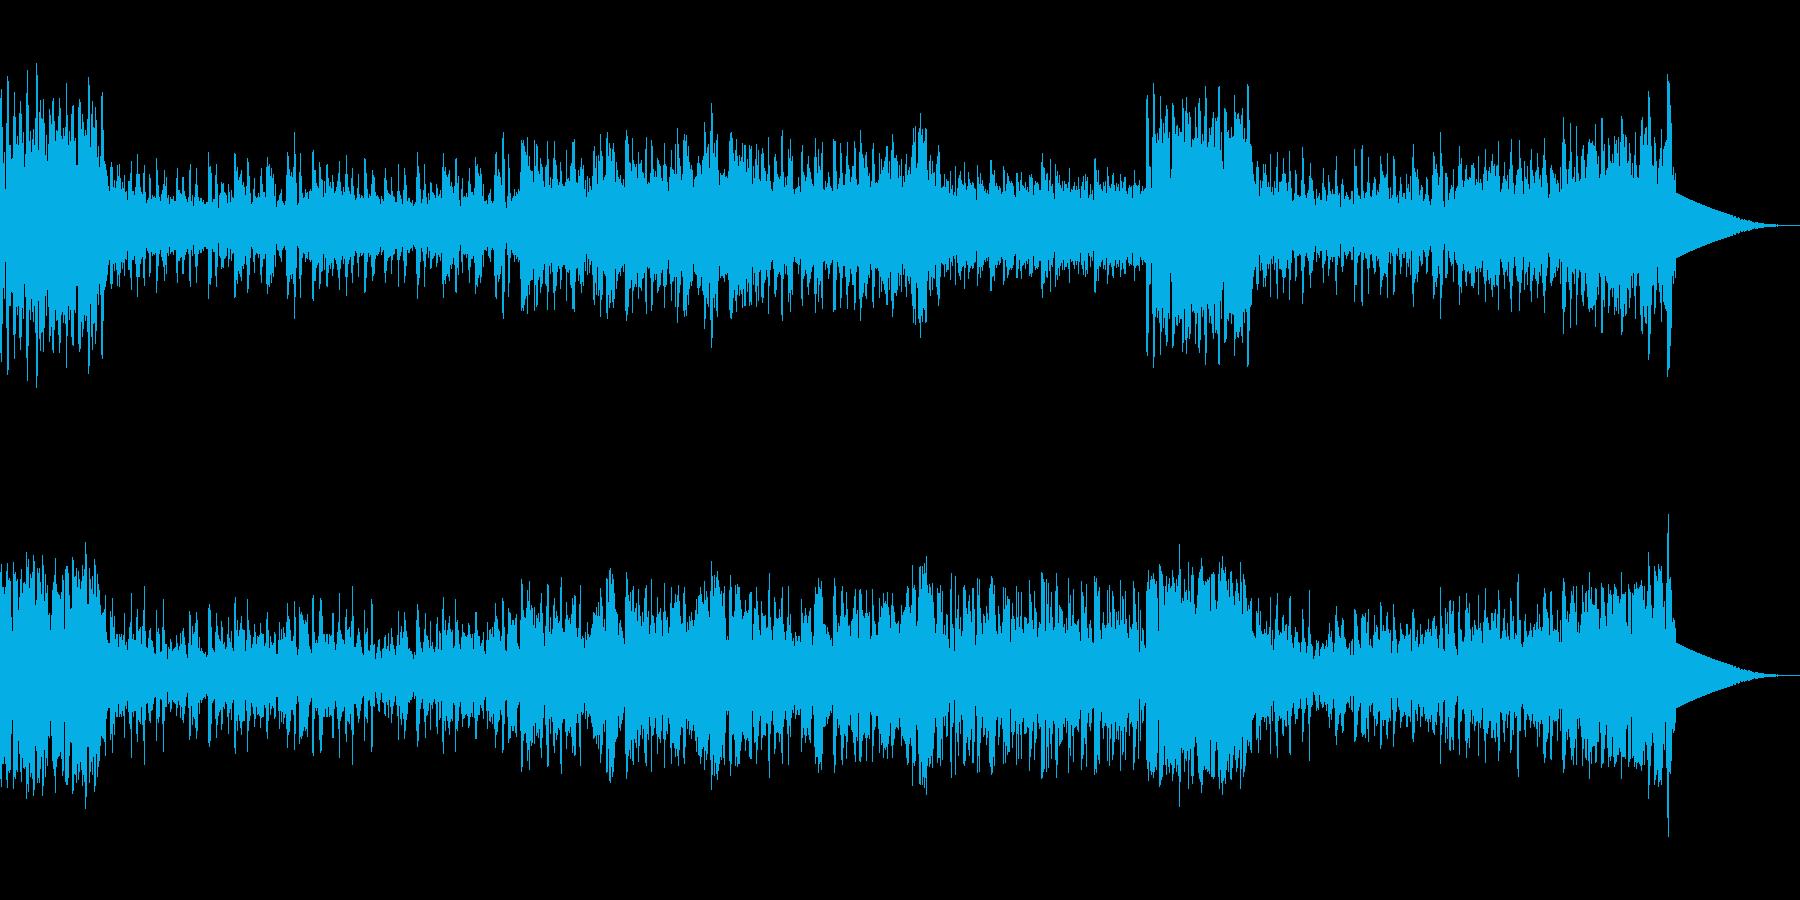 フル稼働して忙しい雰囲気のBGMの再生済みの波形